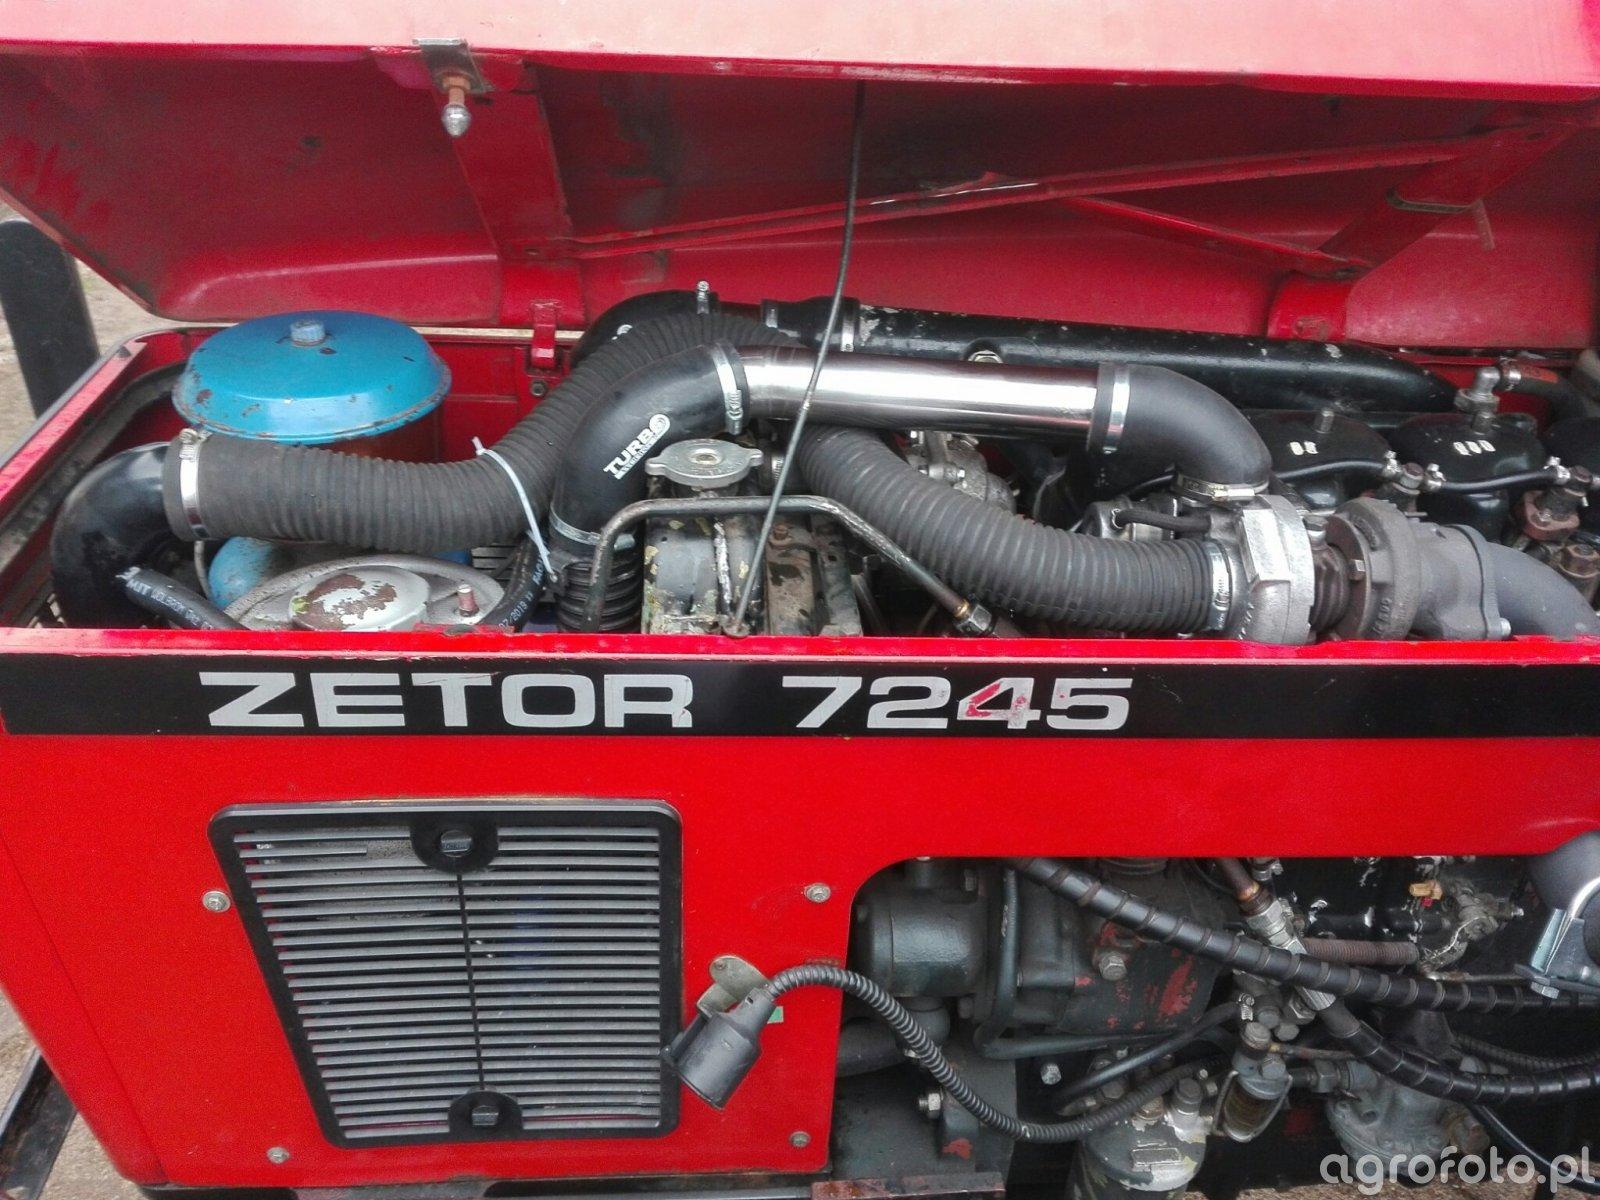 Zetor 7245 turbo